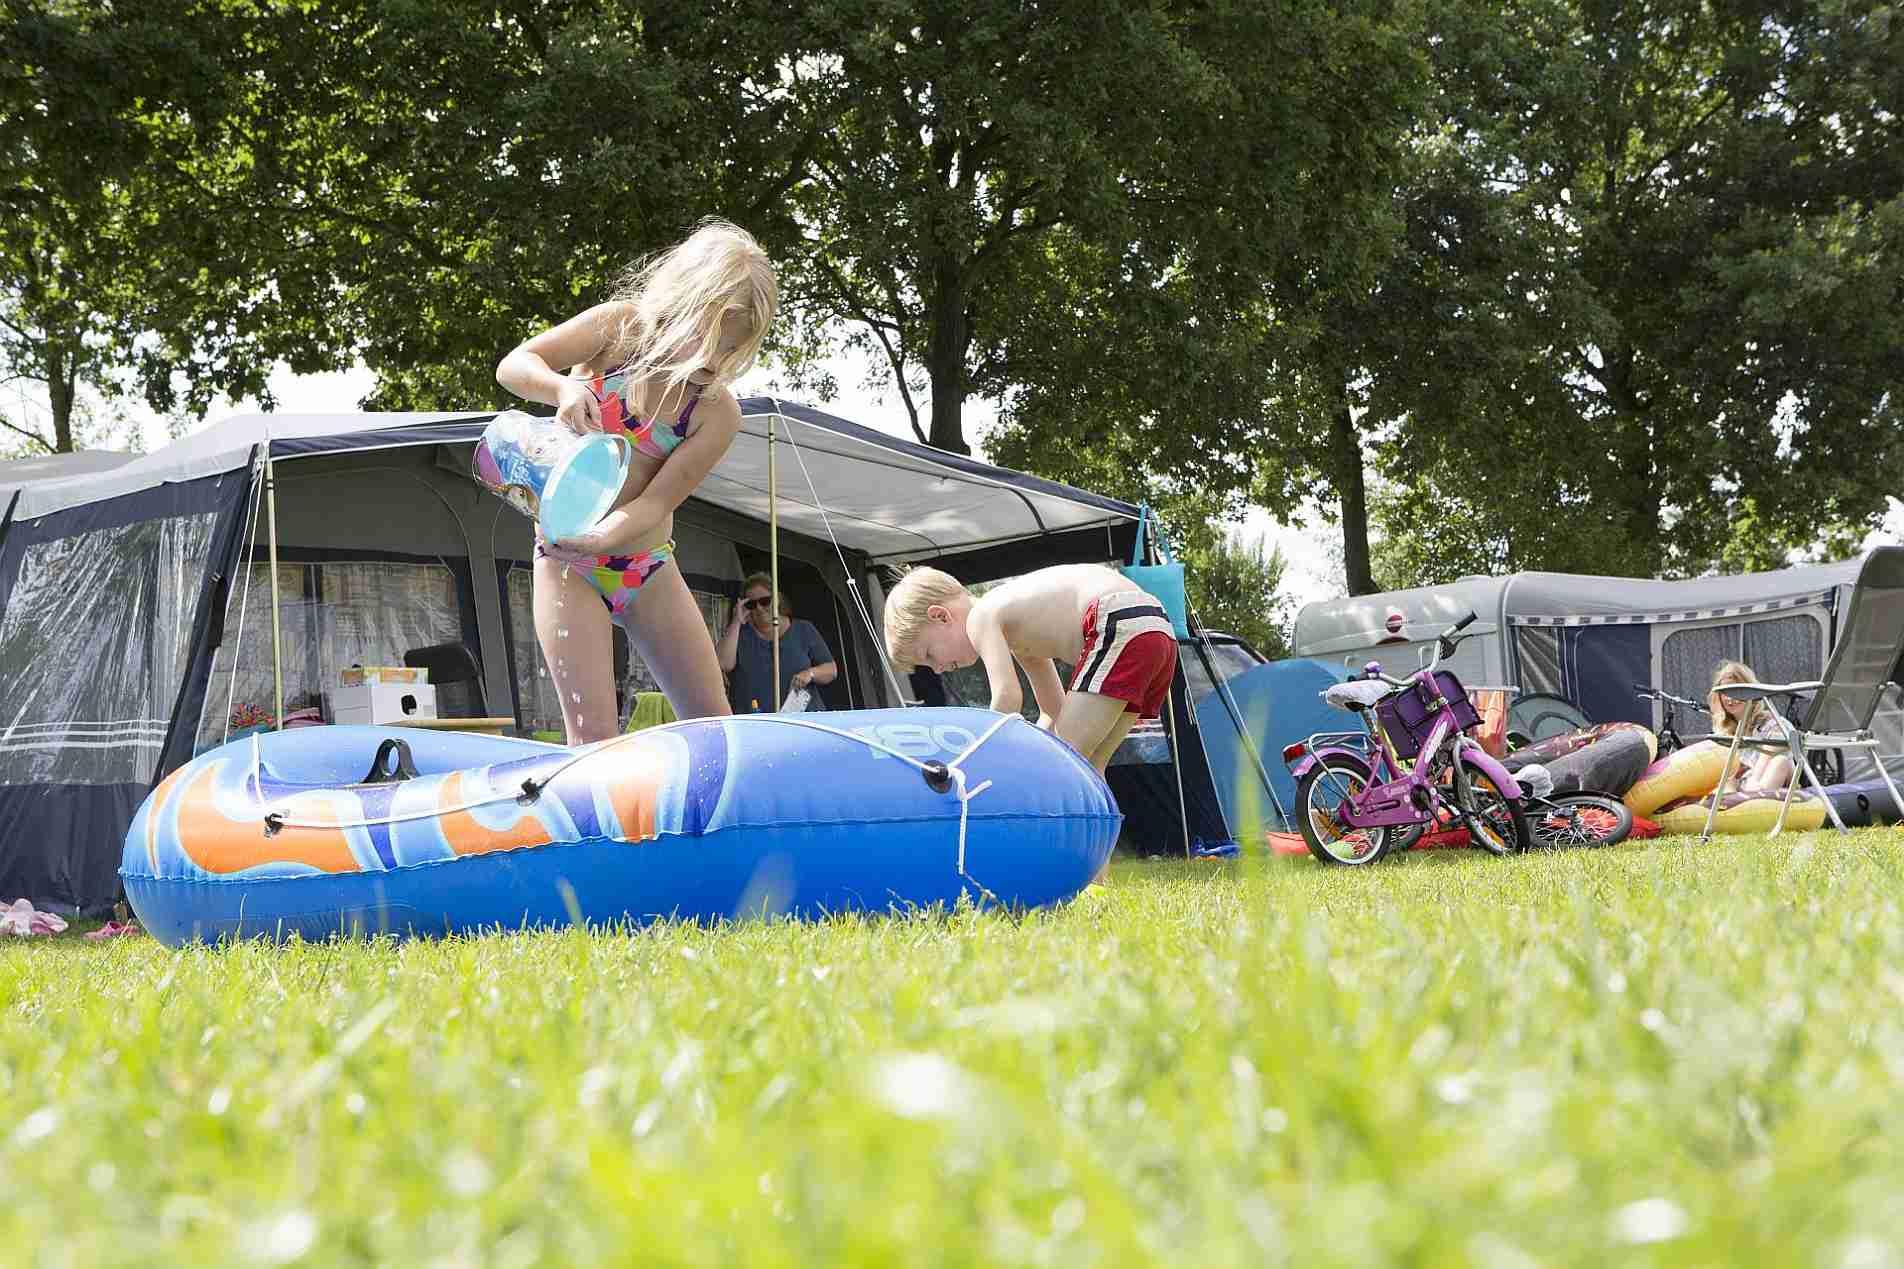 Strandvakantie in Overijssel op een 5 sterren camping - Mooie strandvakantie in Overijssel